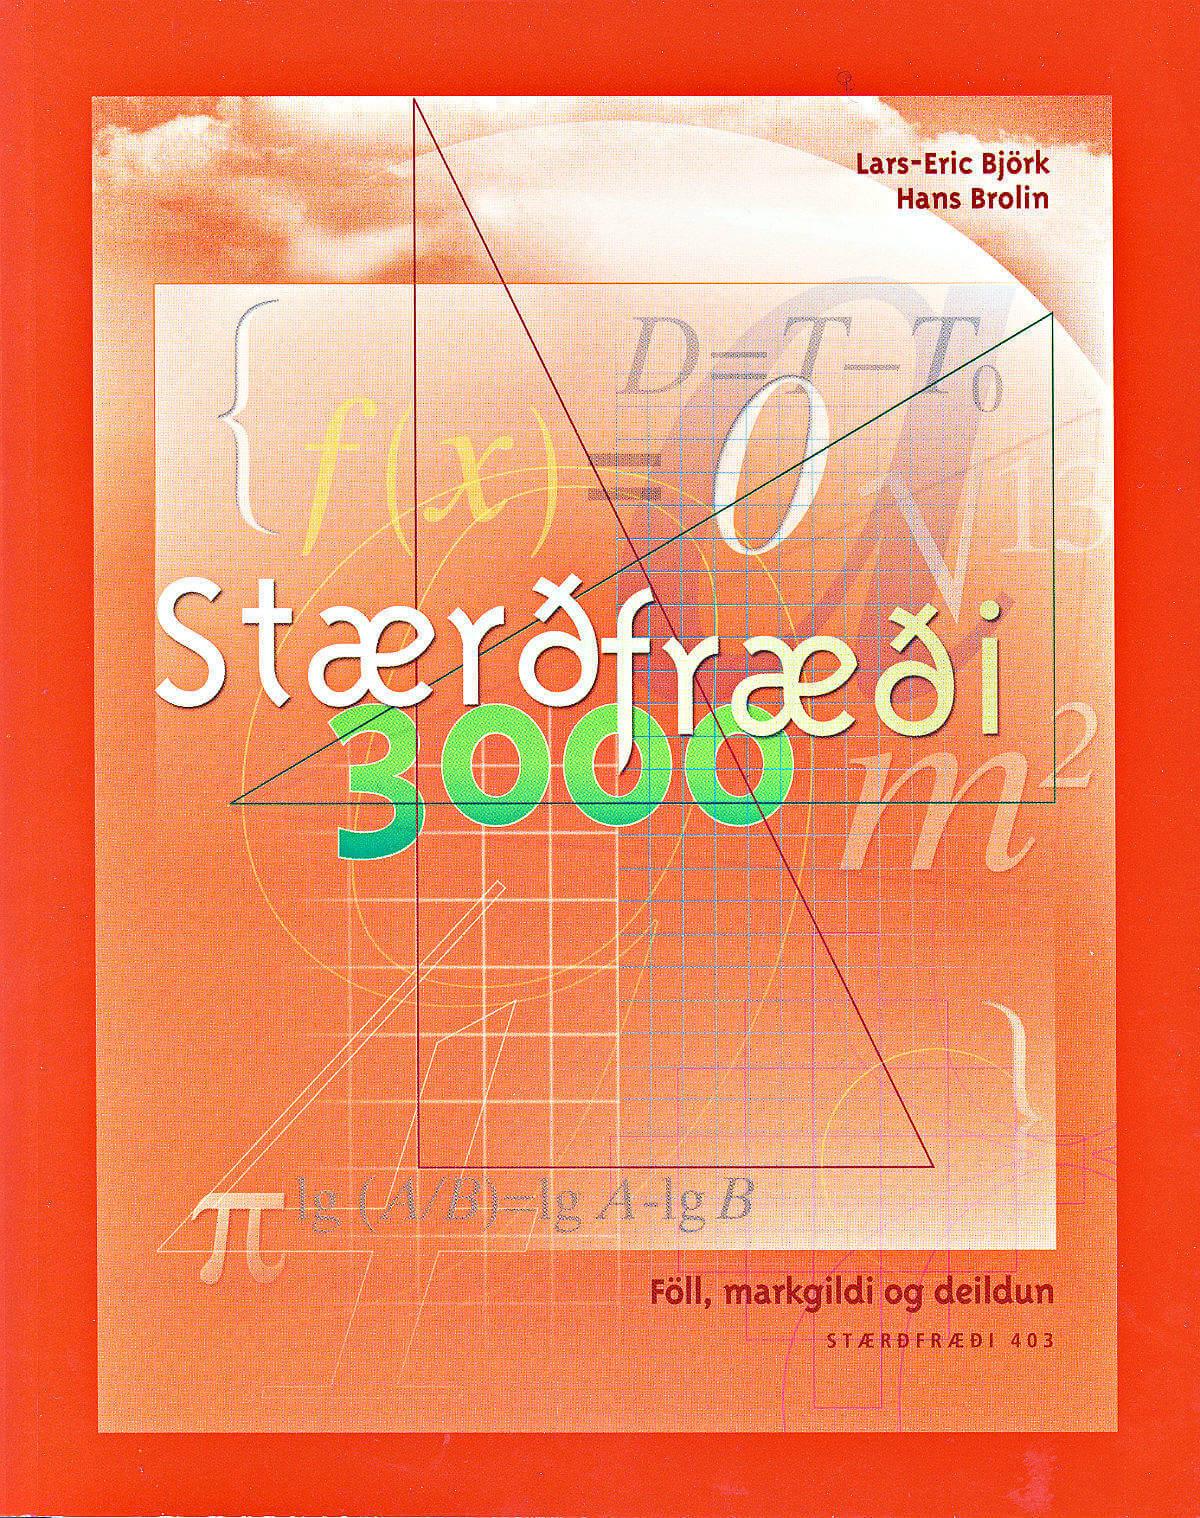 Staerdfraedi 3000 - 403 Föll, markgildi og deildun